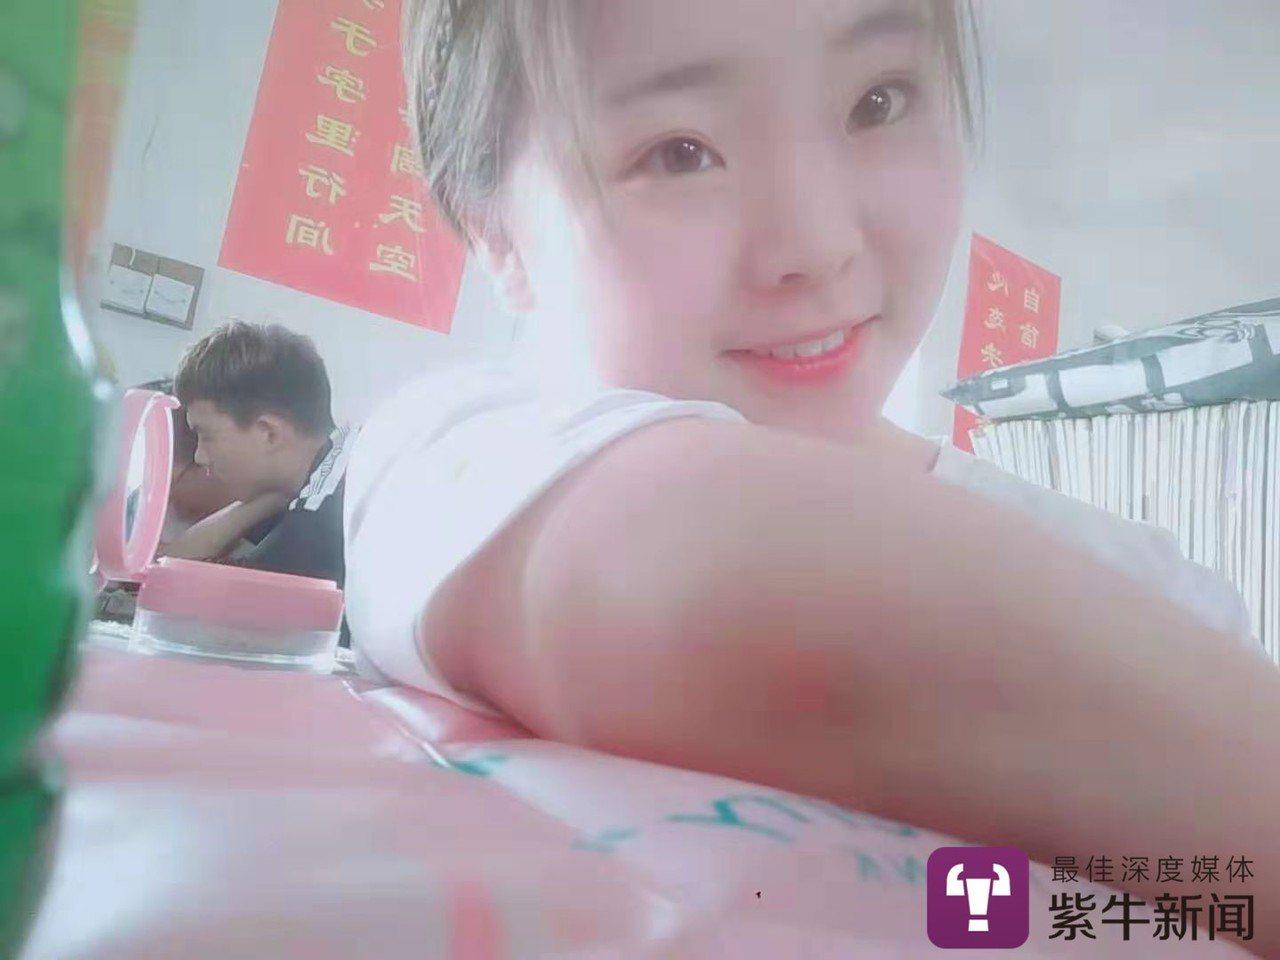 河南17歲少女李辰璽。圖取自紫牛新聞